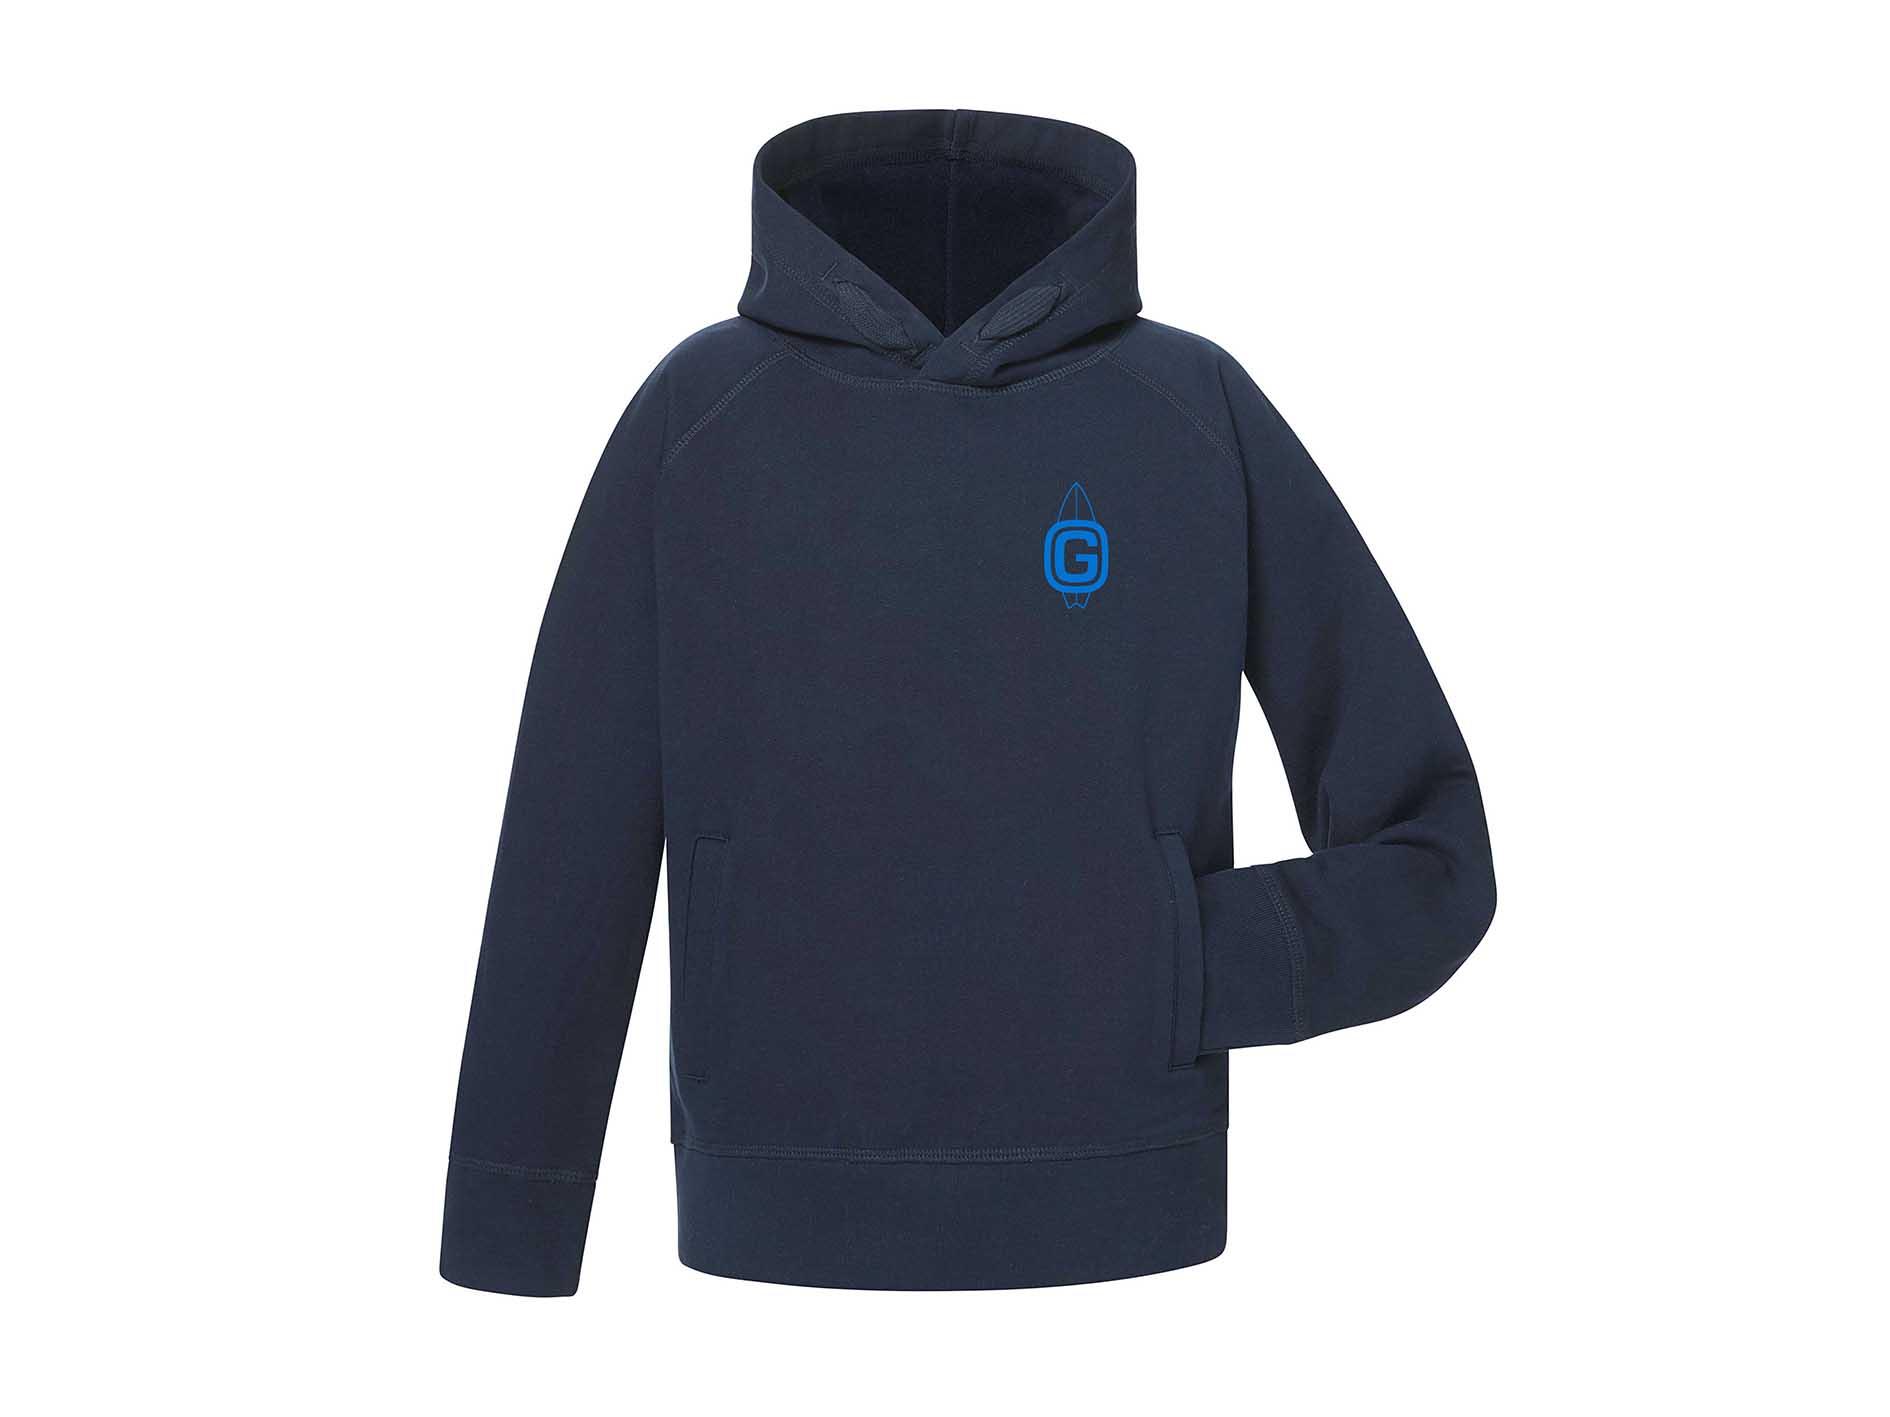 GSS Kids Hoodie £25 - 100% organic cotton navy hoodie